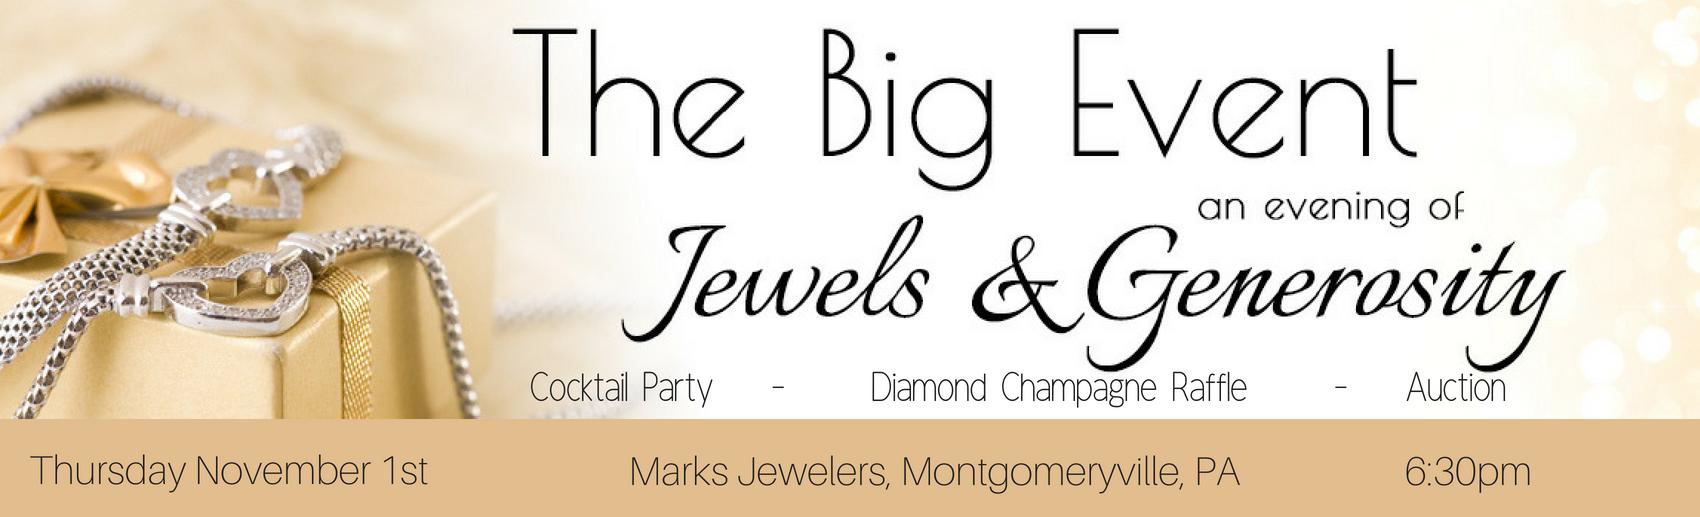 BBBSBC Big Event Website Banner[3553]